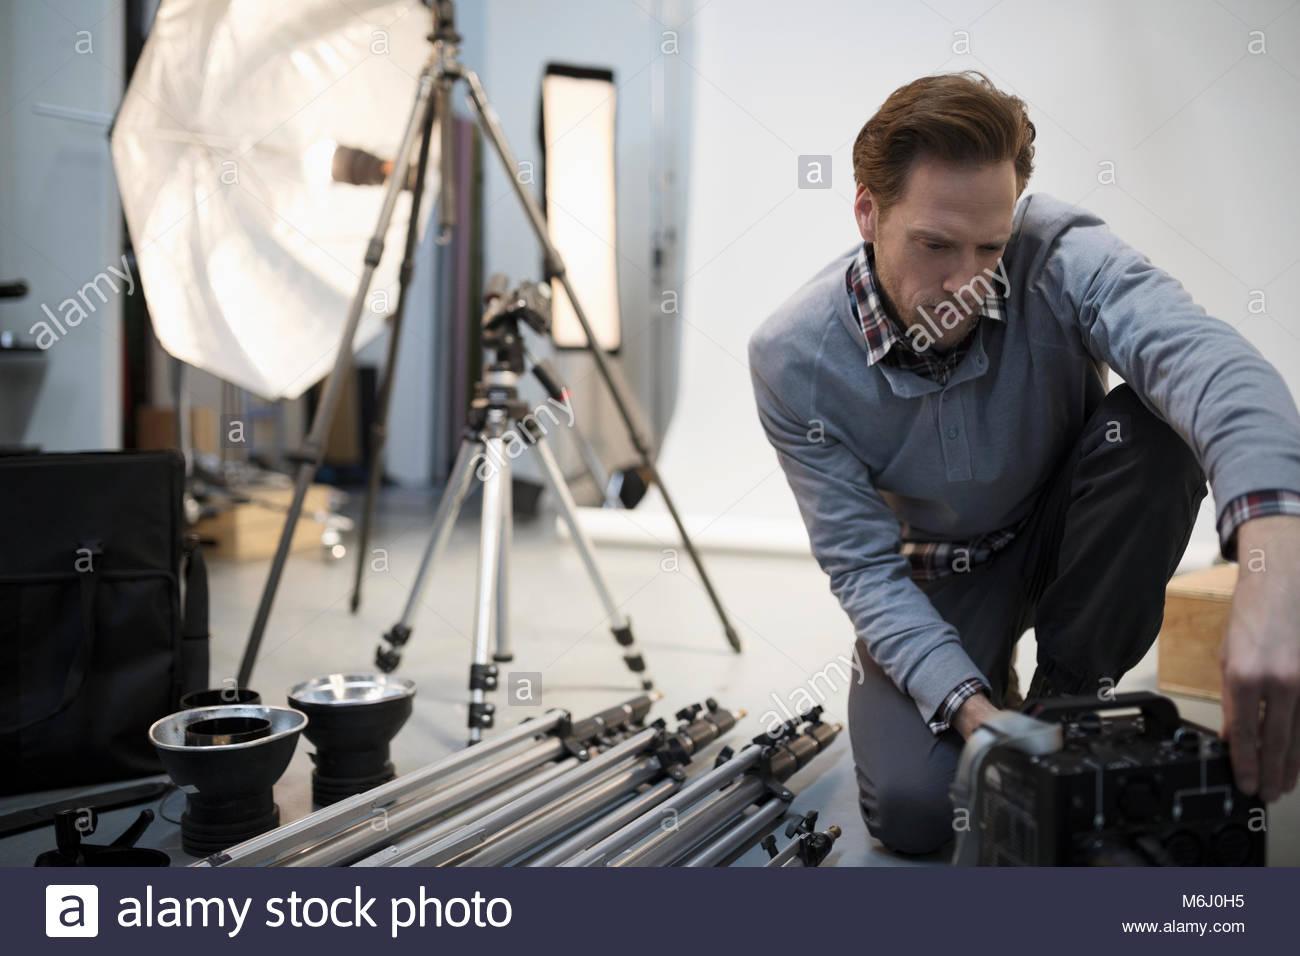 Fotografo maschio di apparecchiature per la preparazione di foto riprese in studio Immagini Stock